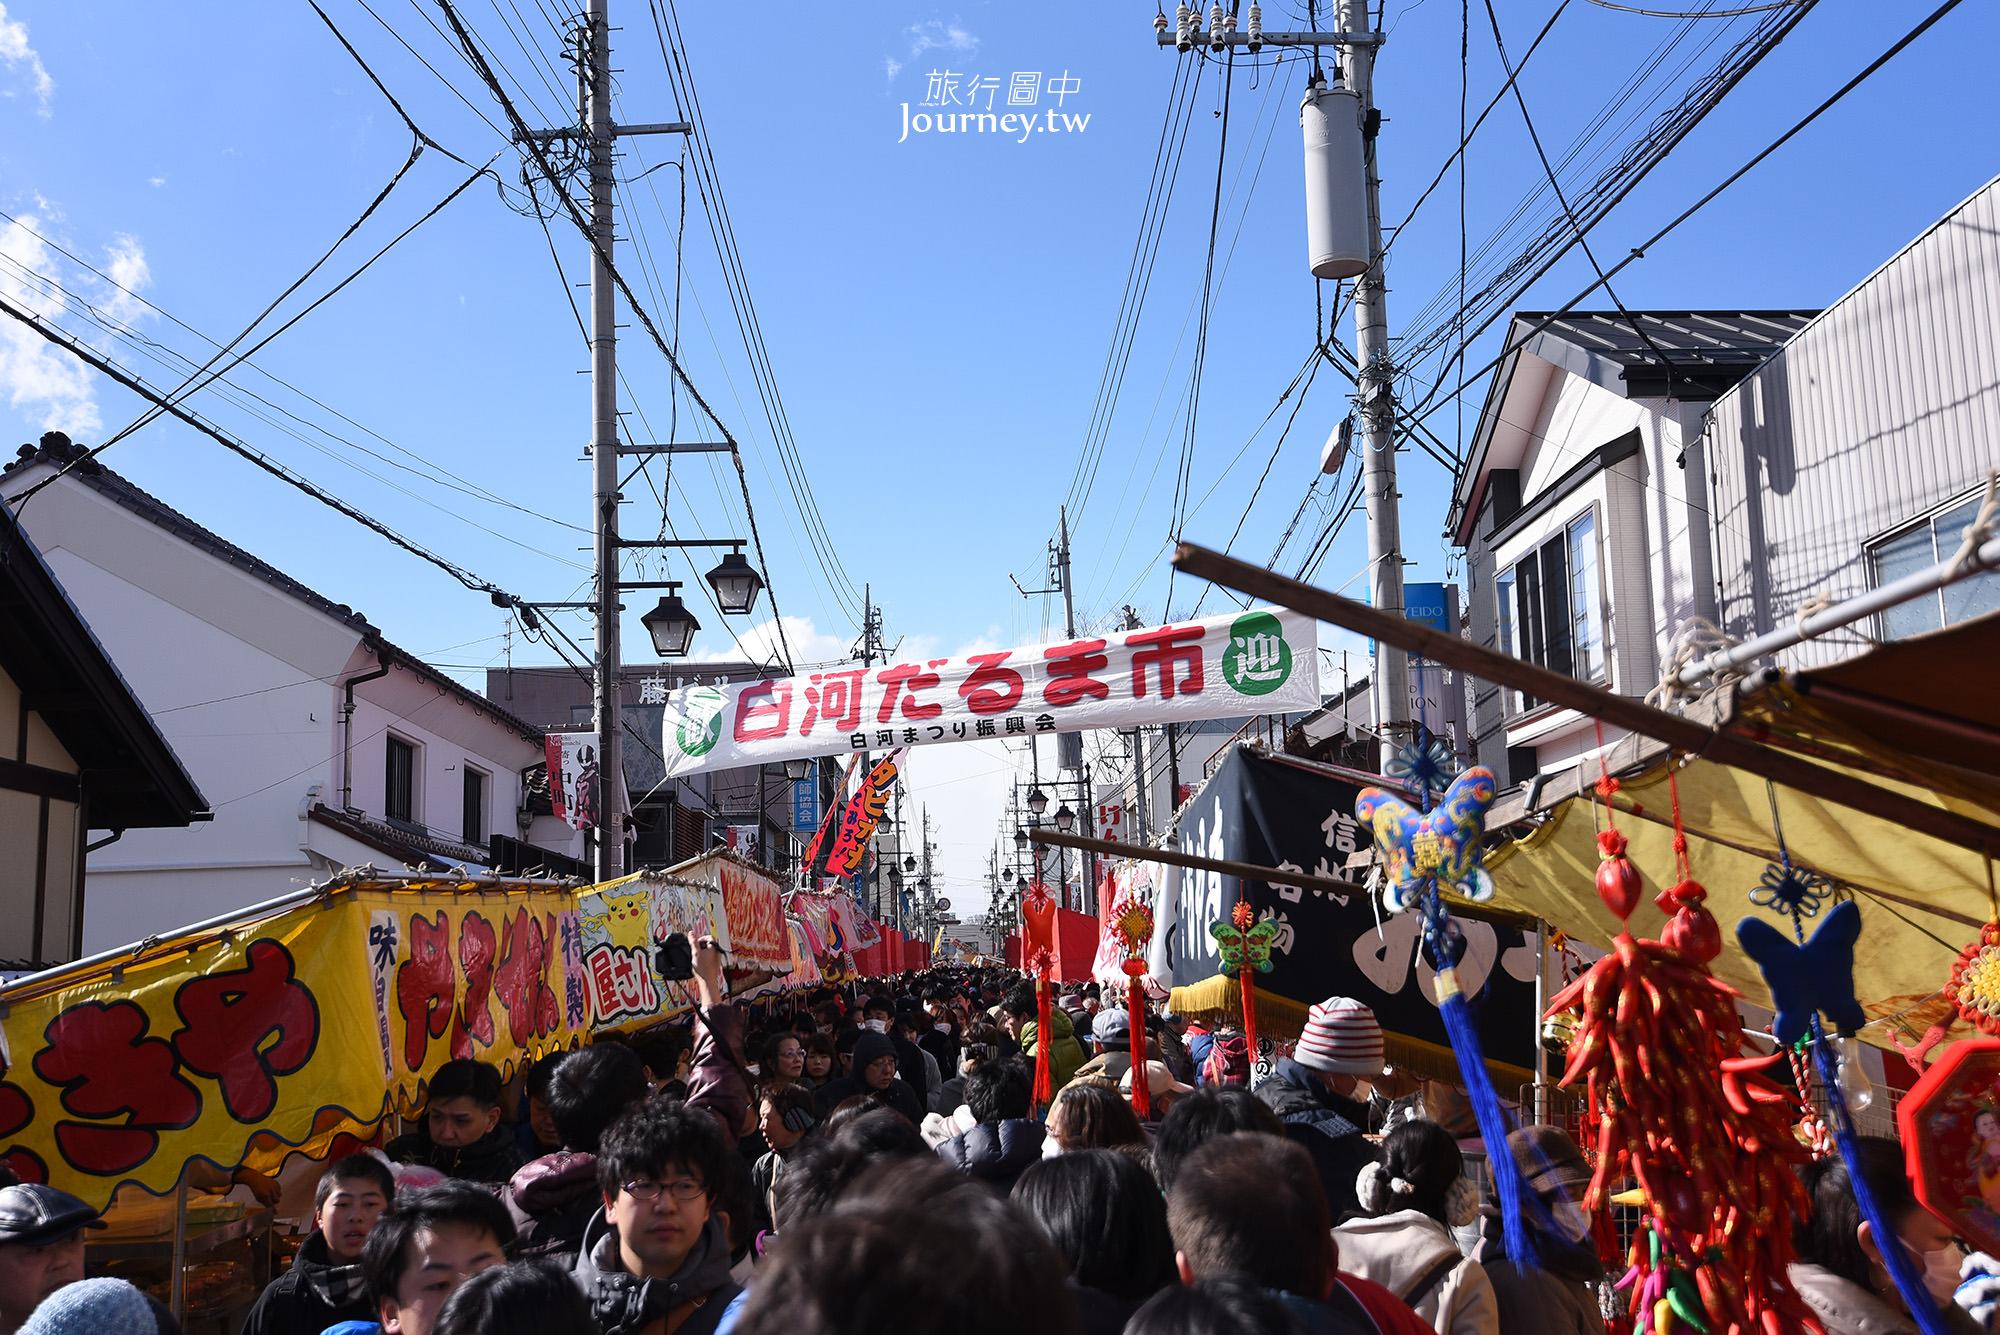 日本,福島,白河,不倒翁市集,不倒翁